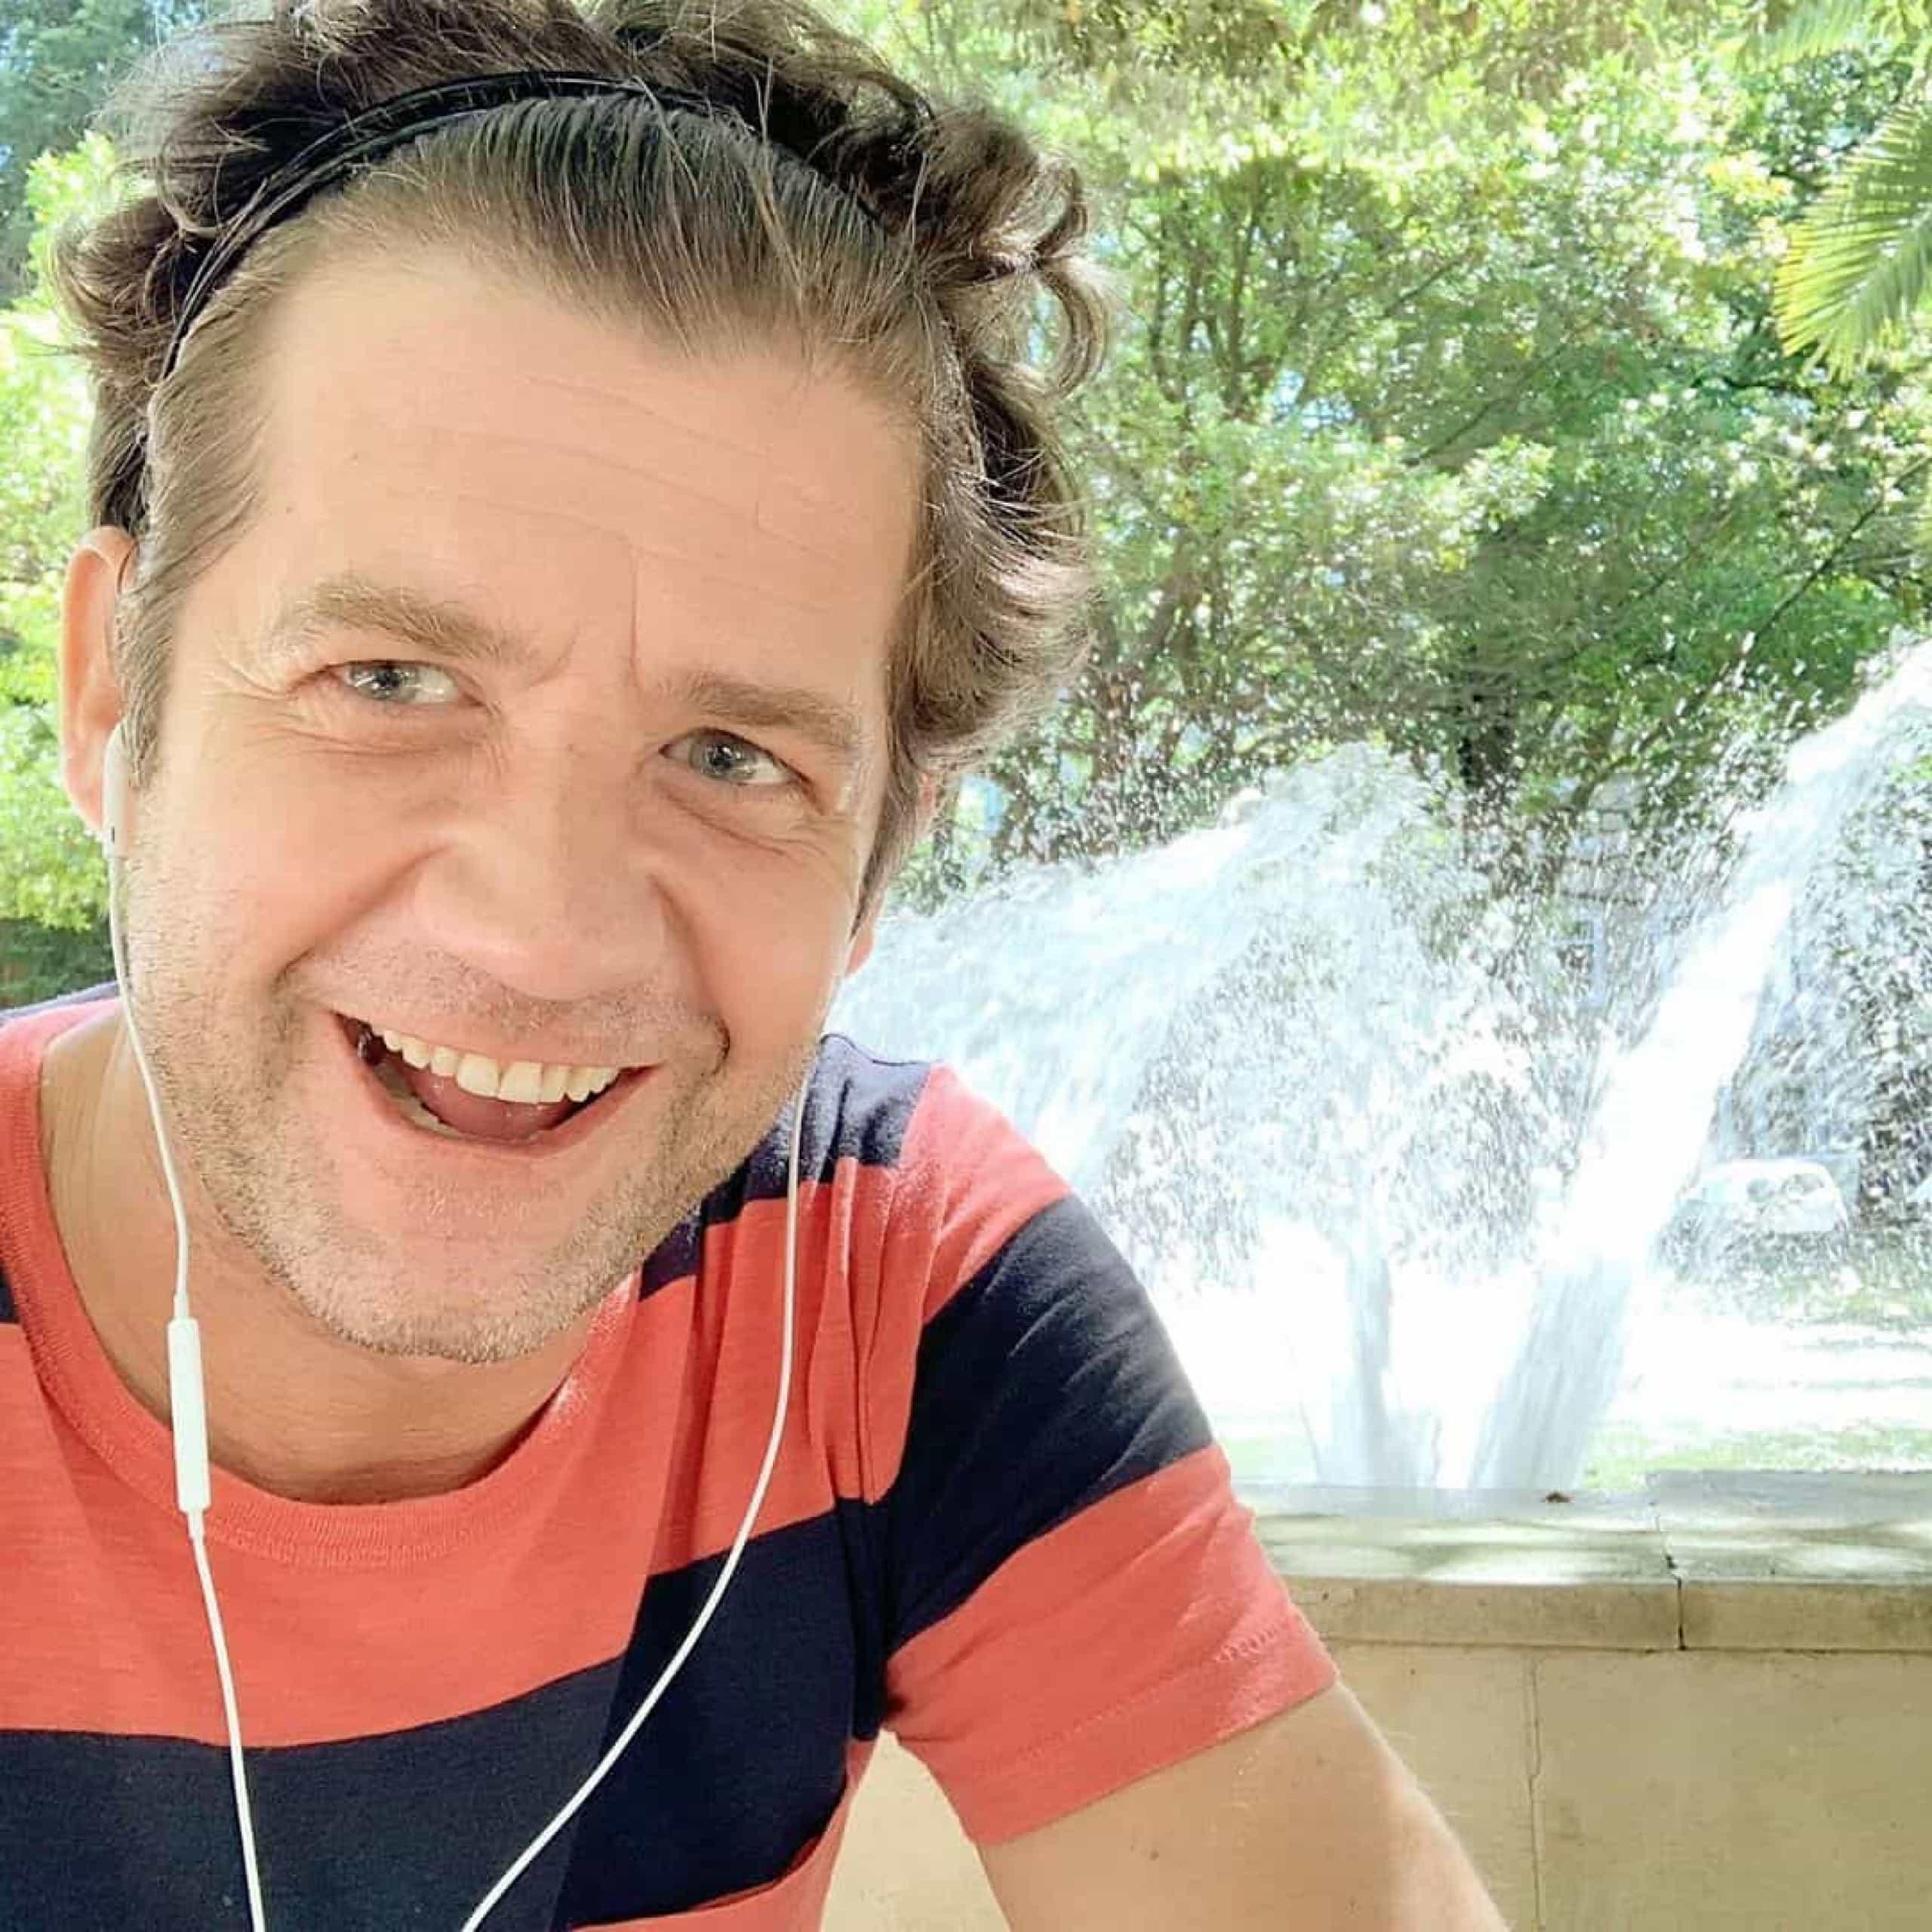 Após isolamento social, Pedro Granger corta cabelo e mostra novo look